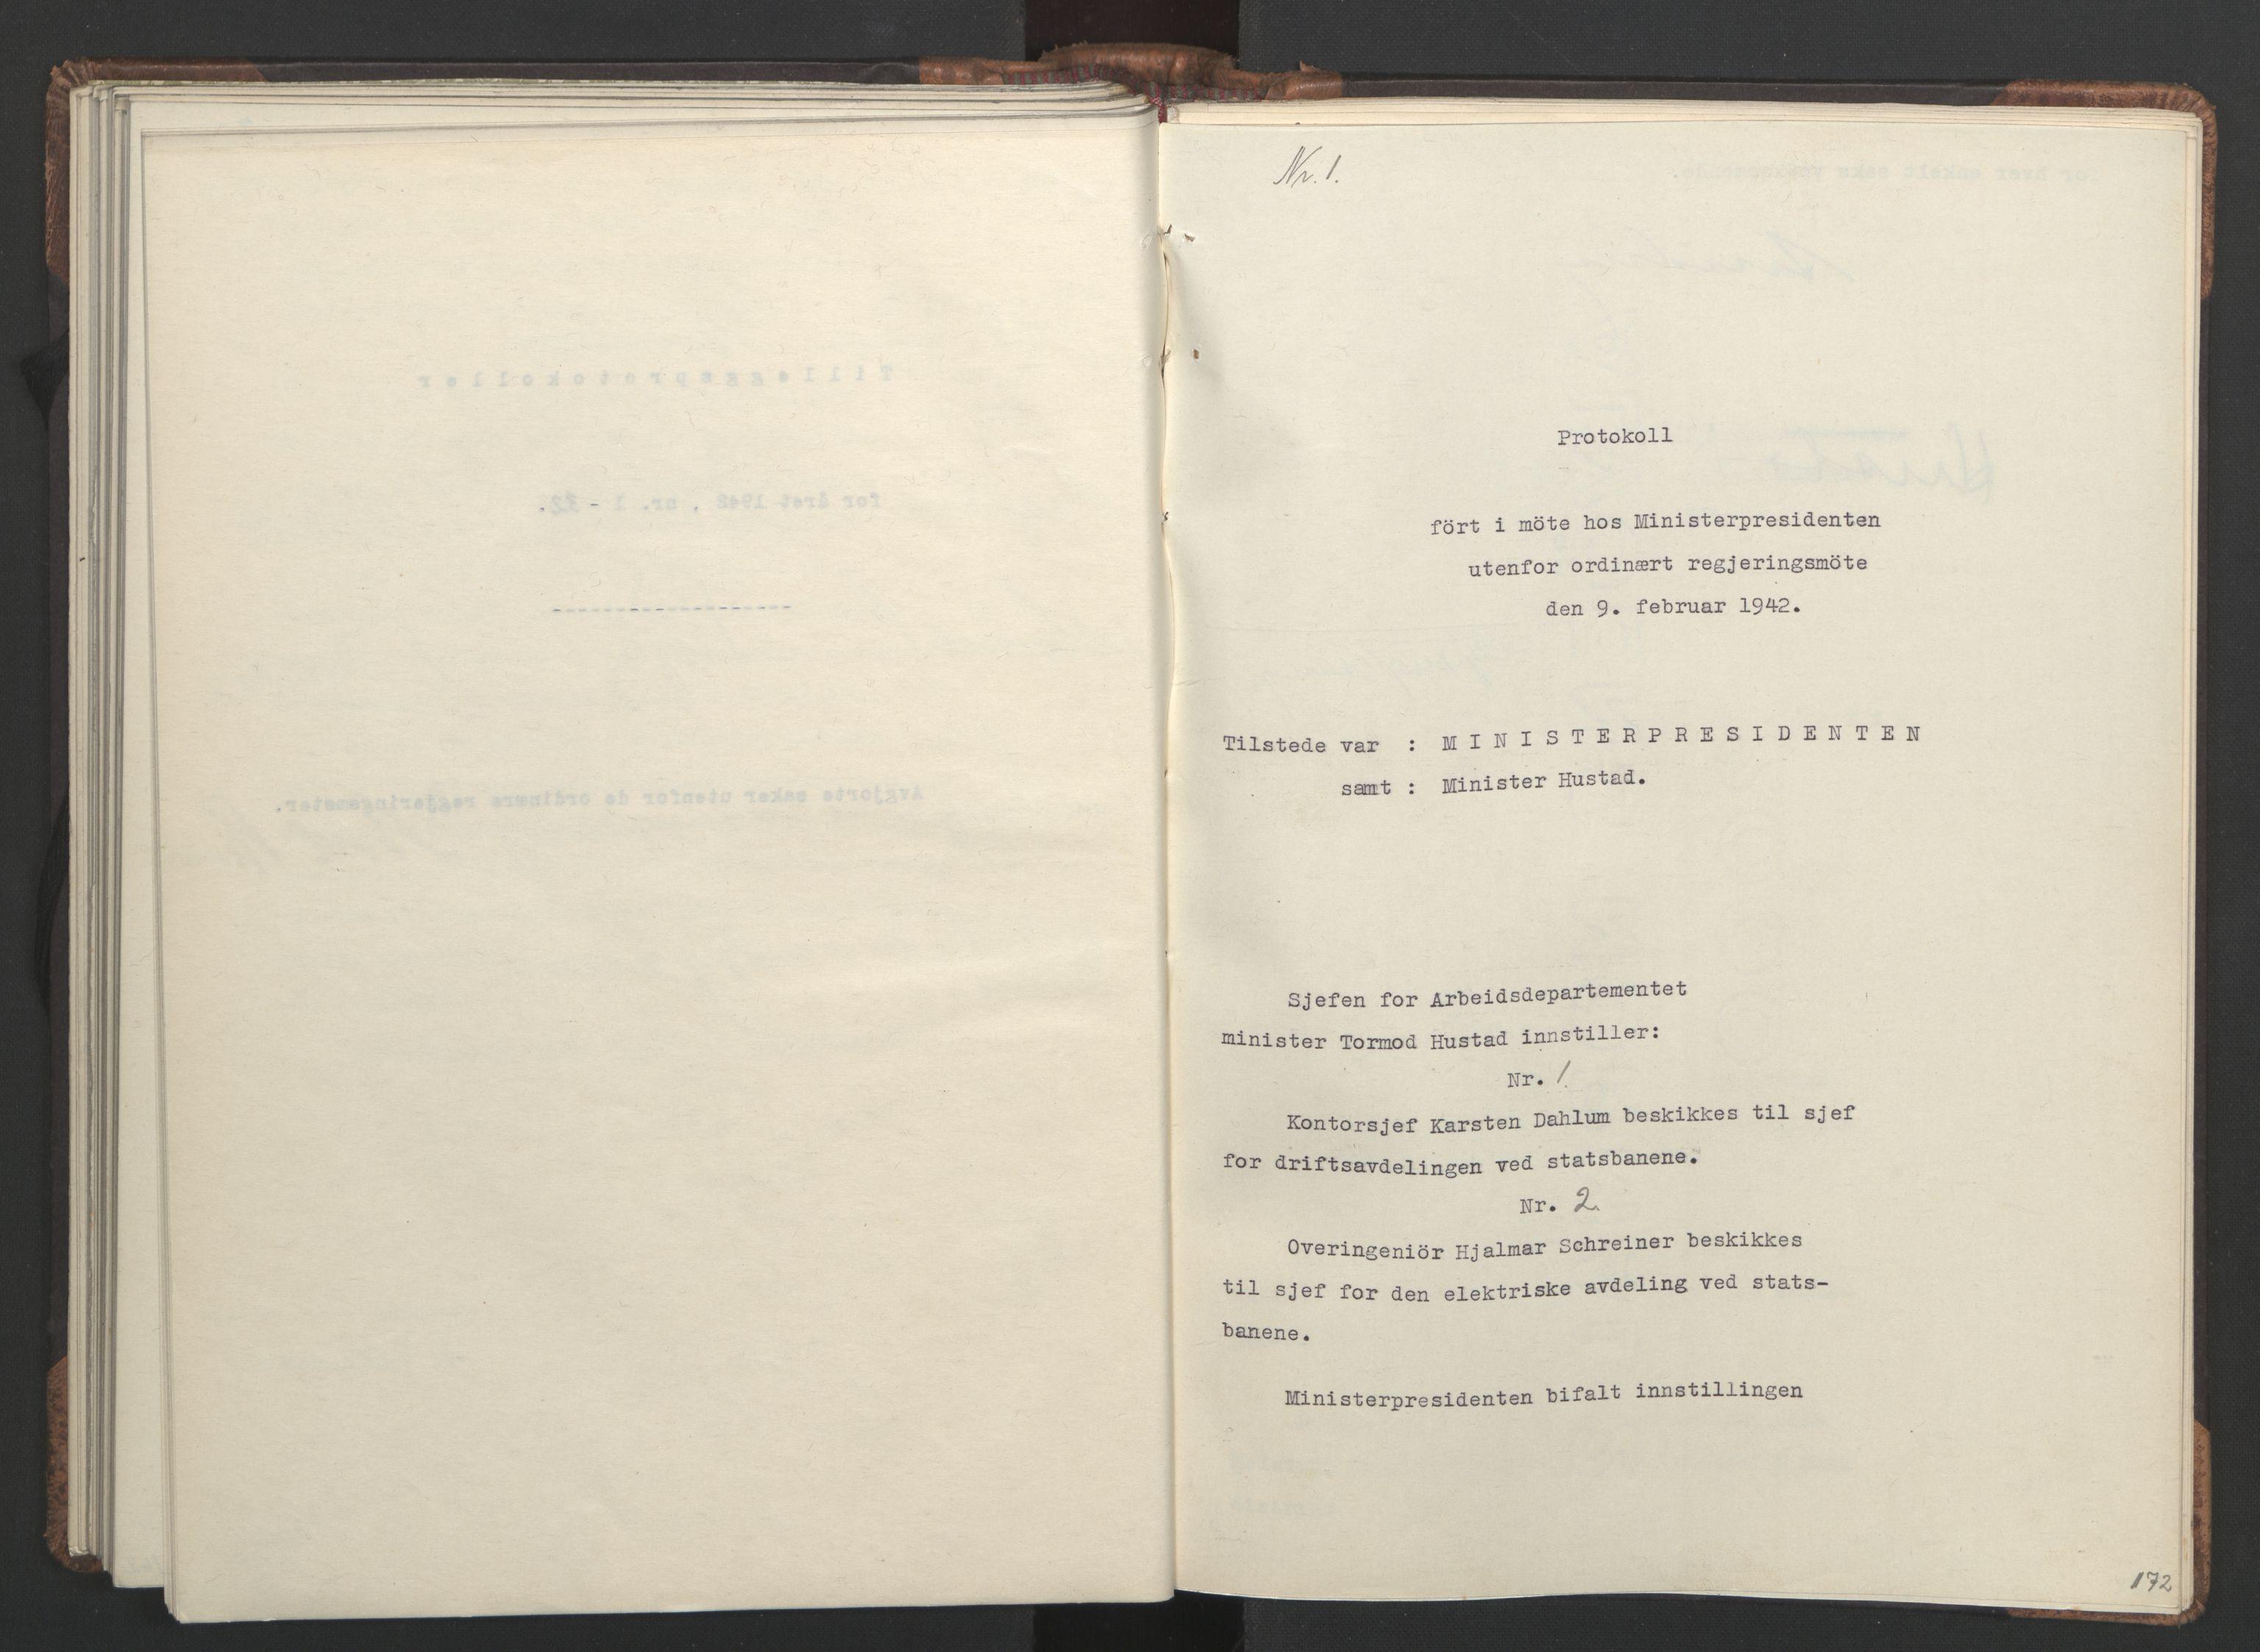 RA, NS-administrasjonen 1940-1945 (Statsrådsekretariatet, de kommisariske statsråder mm), D/Da/L0001: Beslutninger og tillegg (1-952 og 1-32), 1942, s. 171b-172a